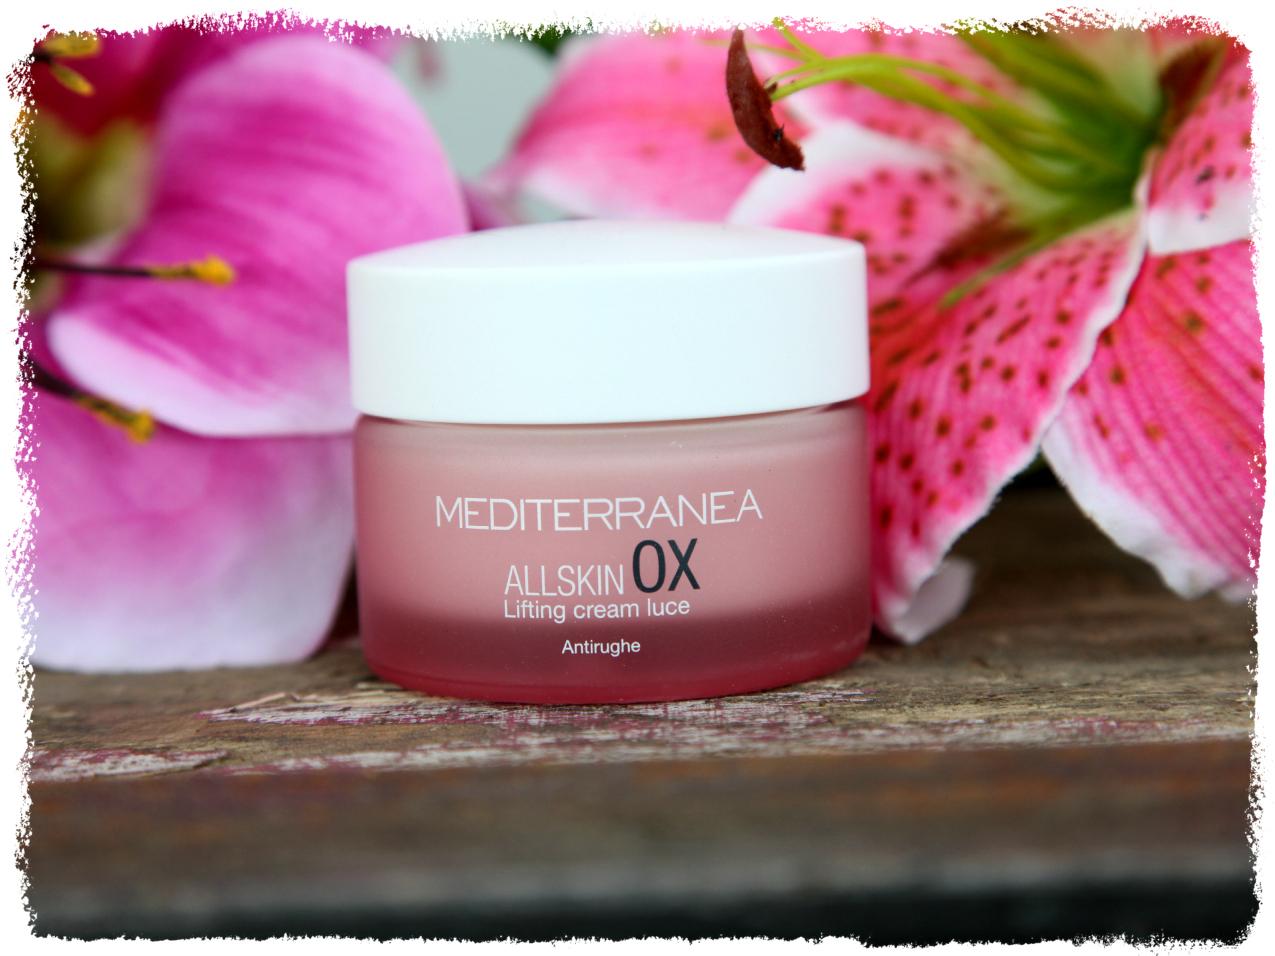 Mediterranea prodotti per la pelle e make up: la nuova frontiera della bellezza, alessia milanese, thechilicool, fashion blog, fashion blogger